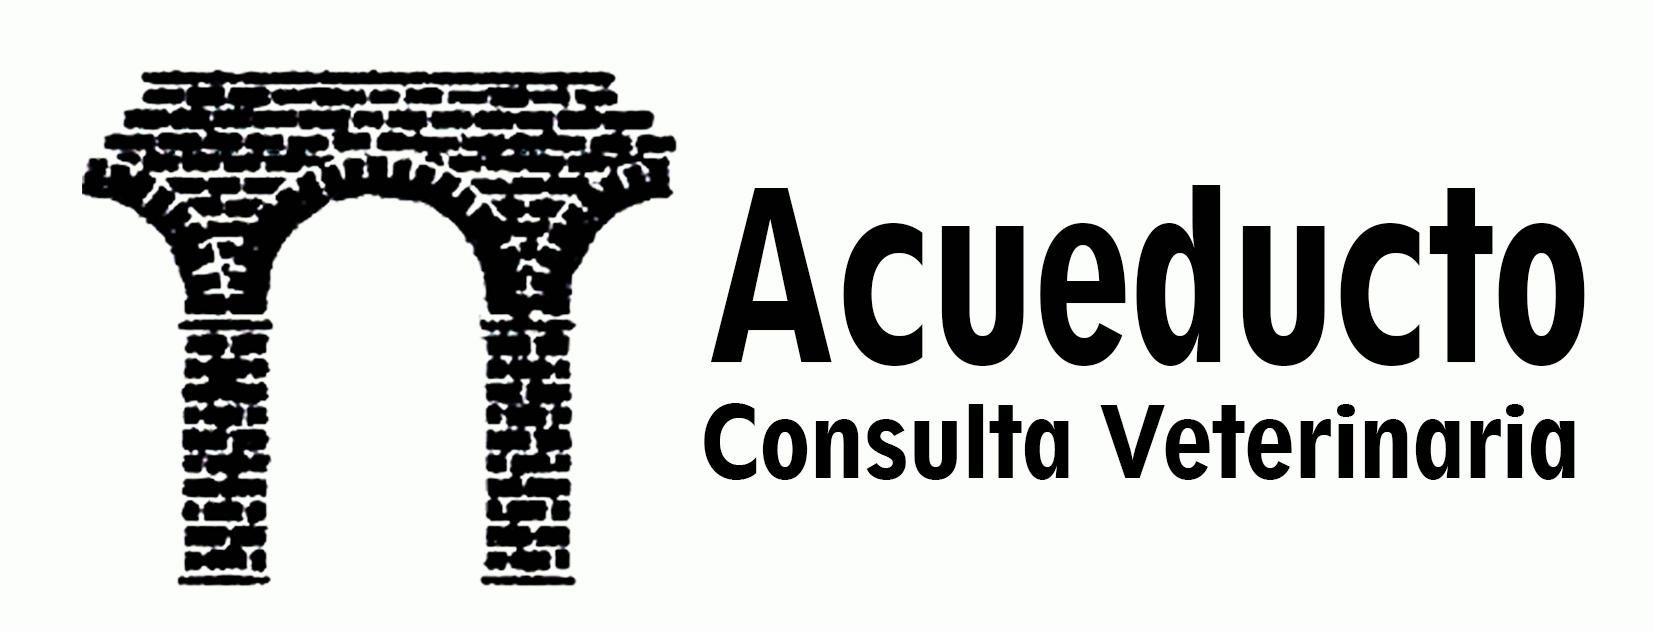 Consulta Veterinaria Acueducto